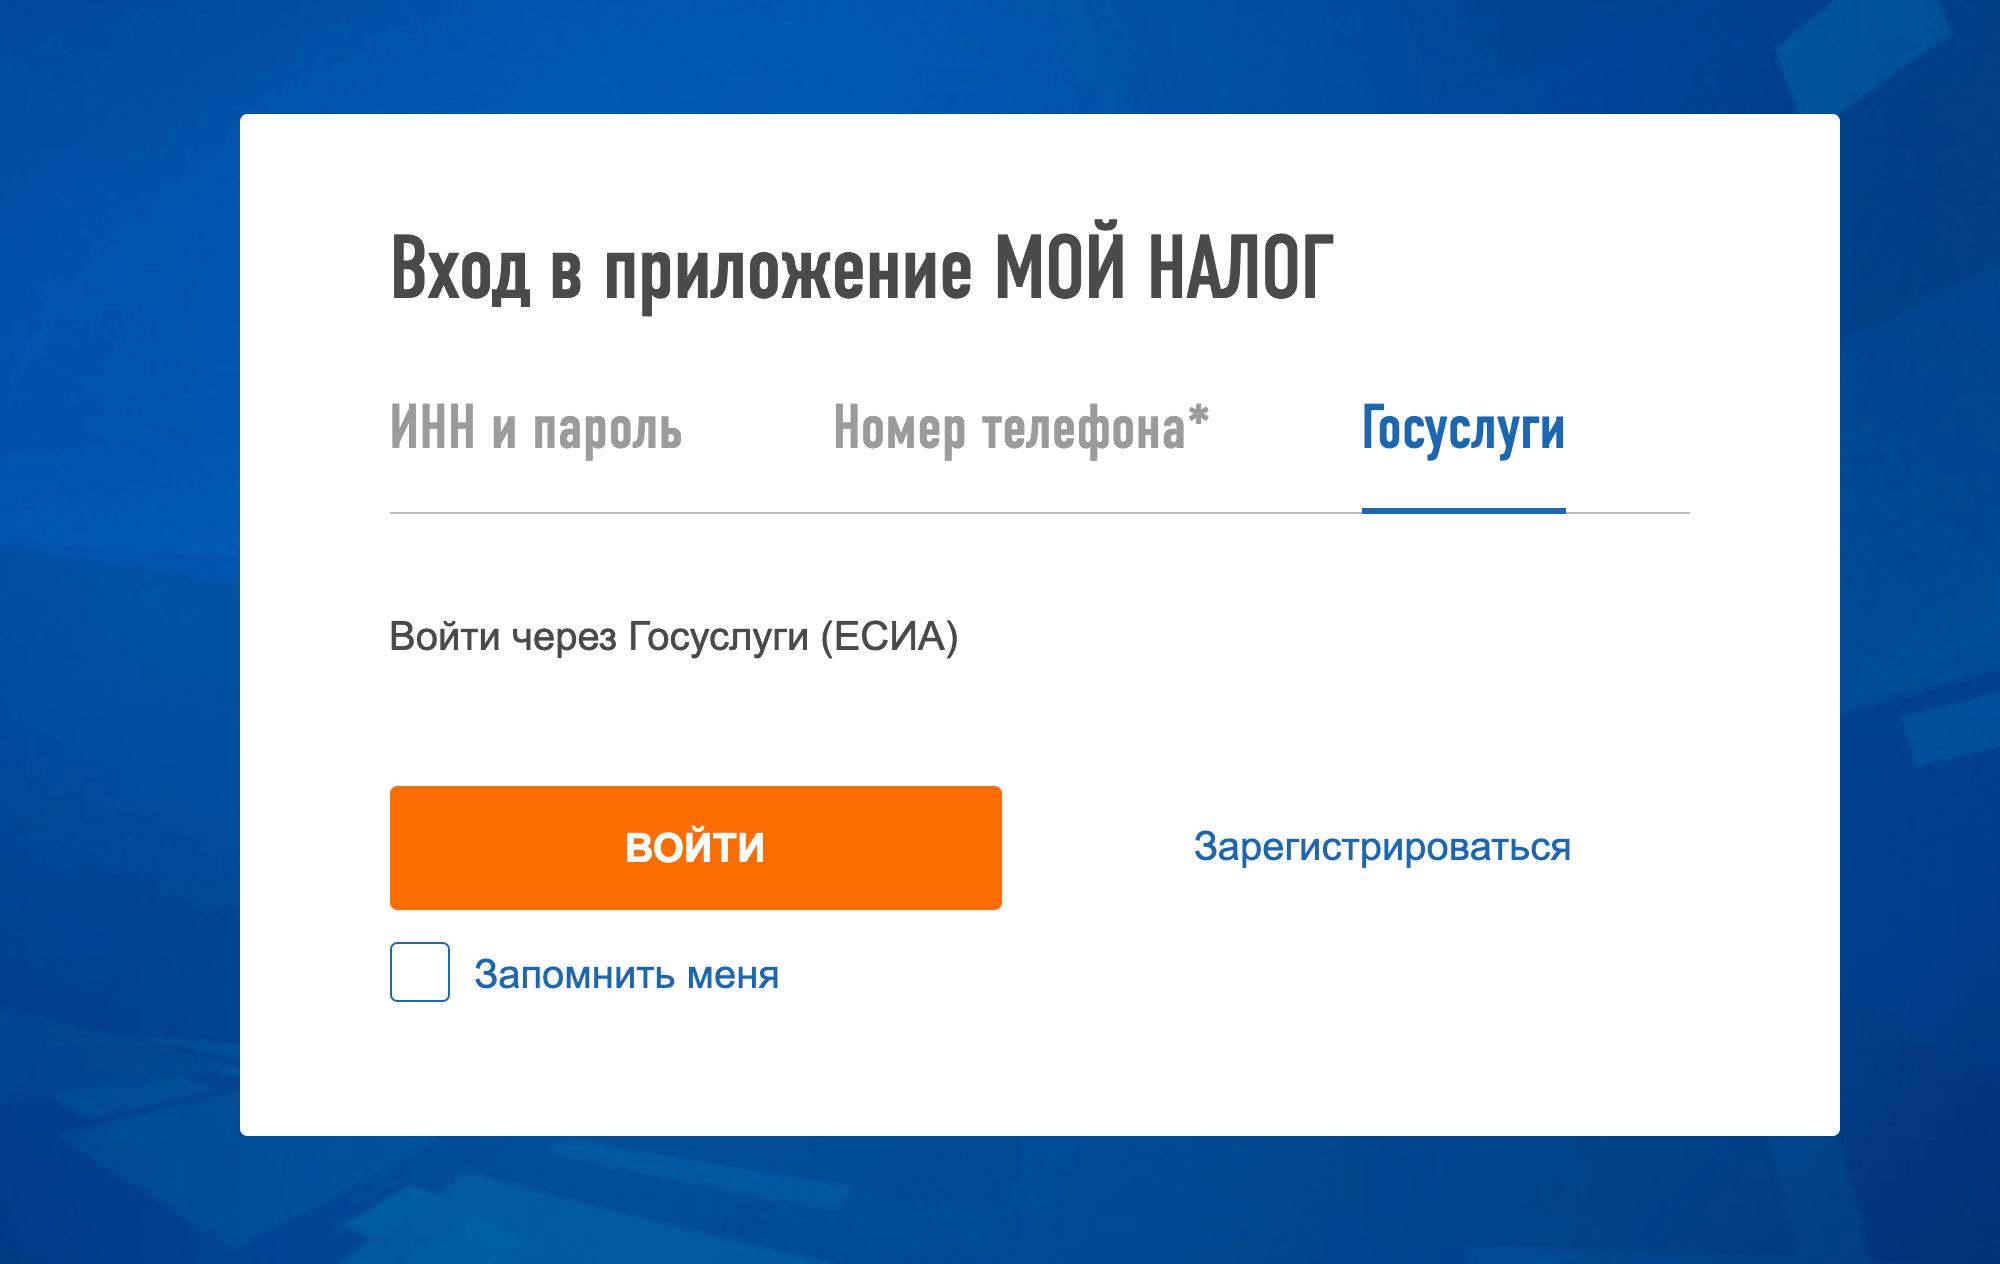 кредит онлайн оформить без телефона